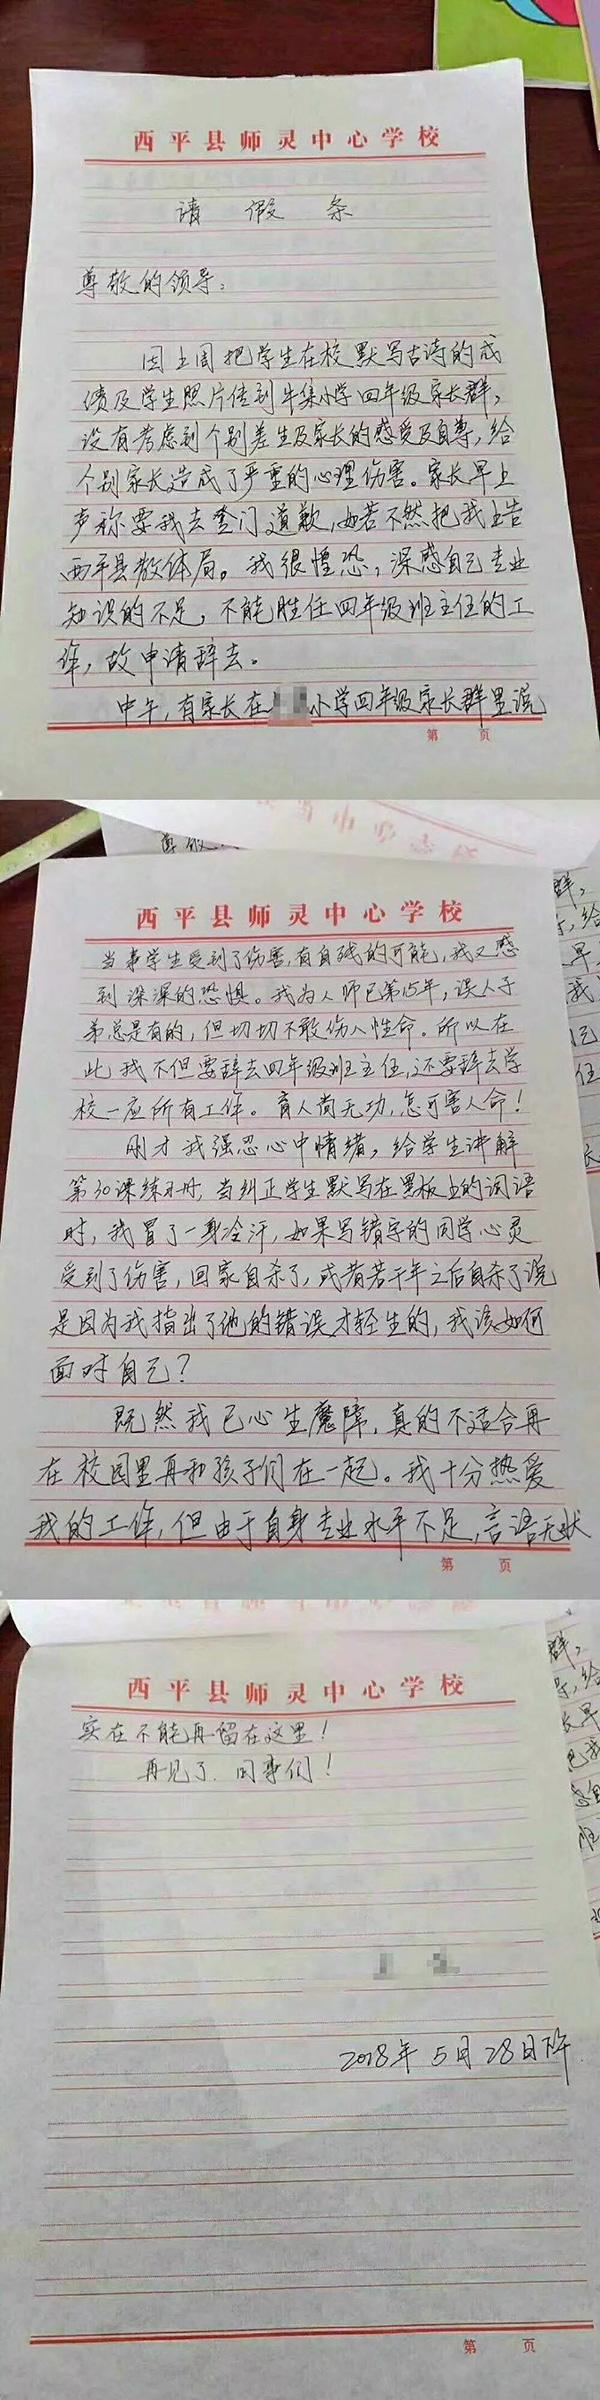 老师将成绩发家长群引不满:登门道歉否则告教体局